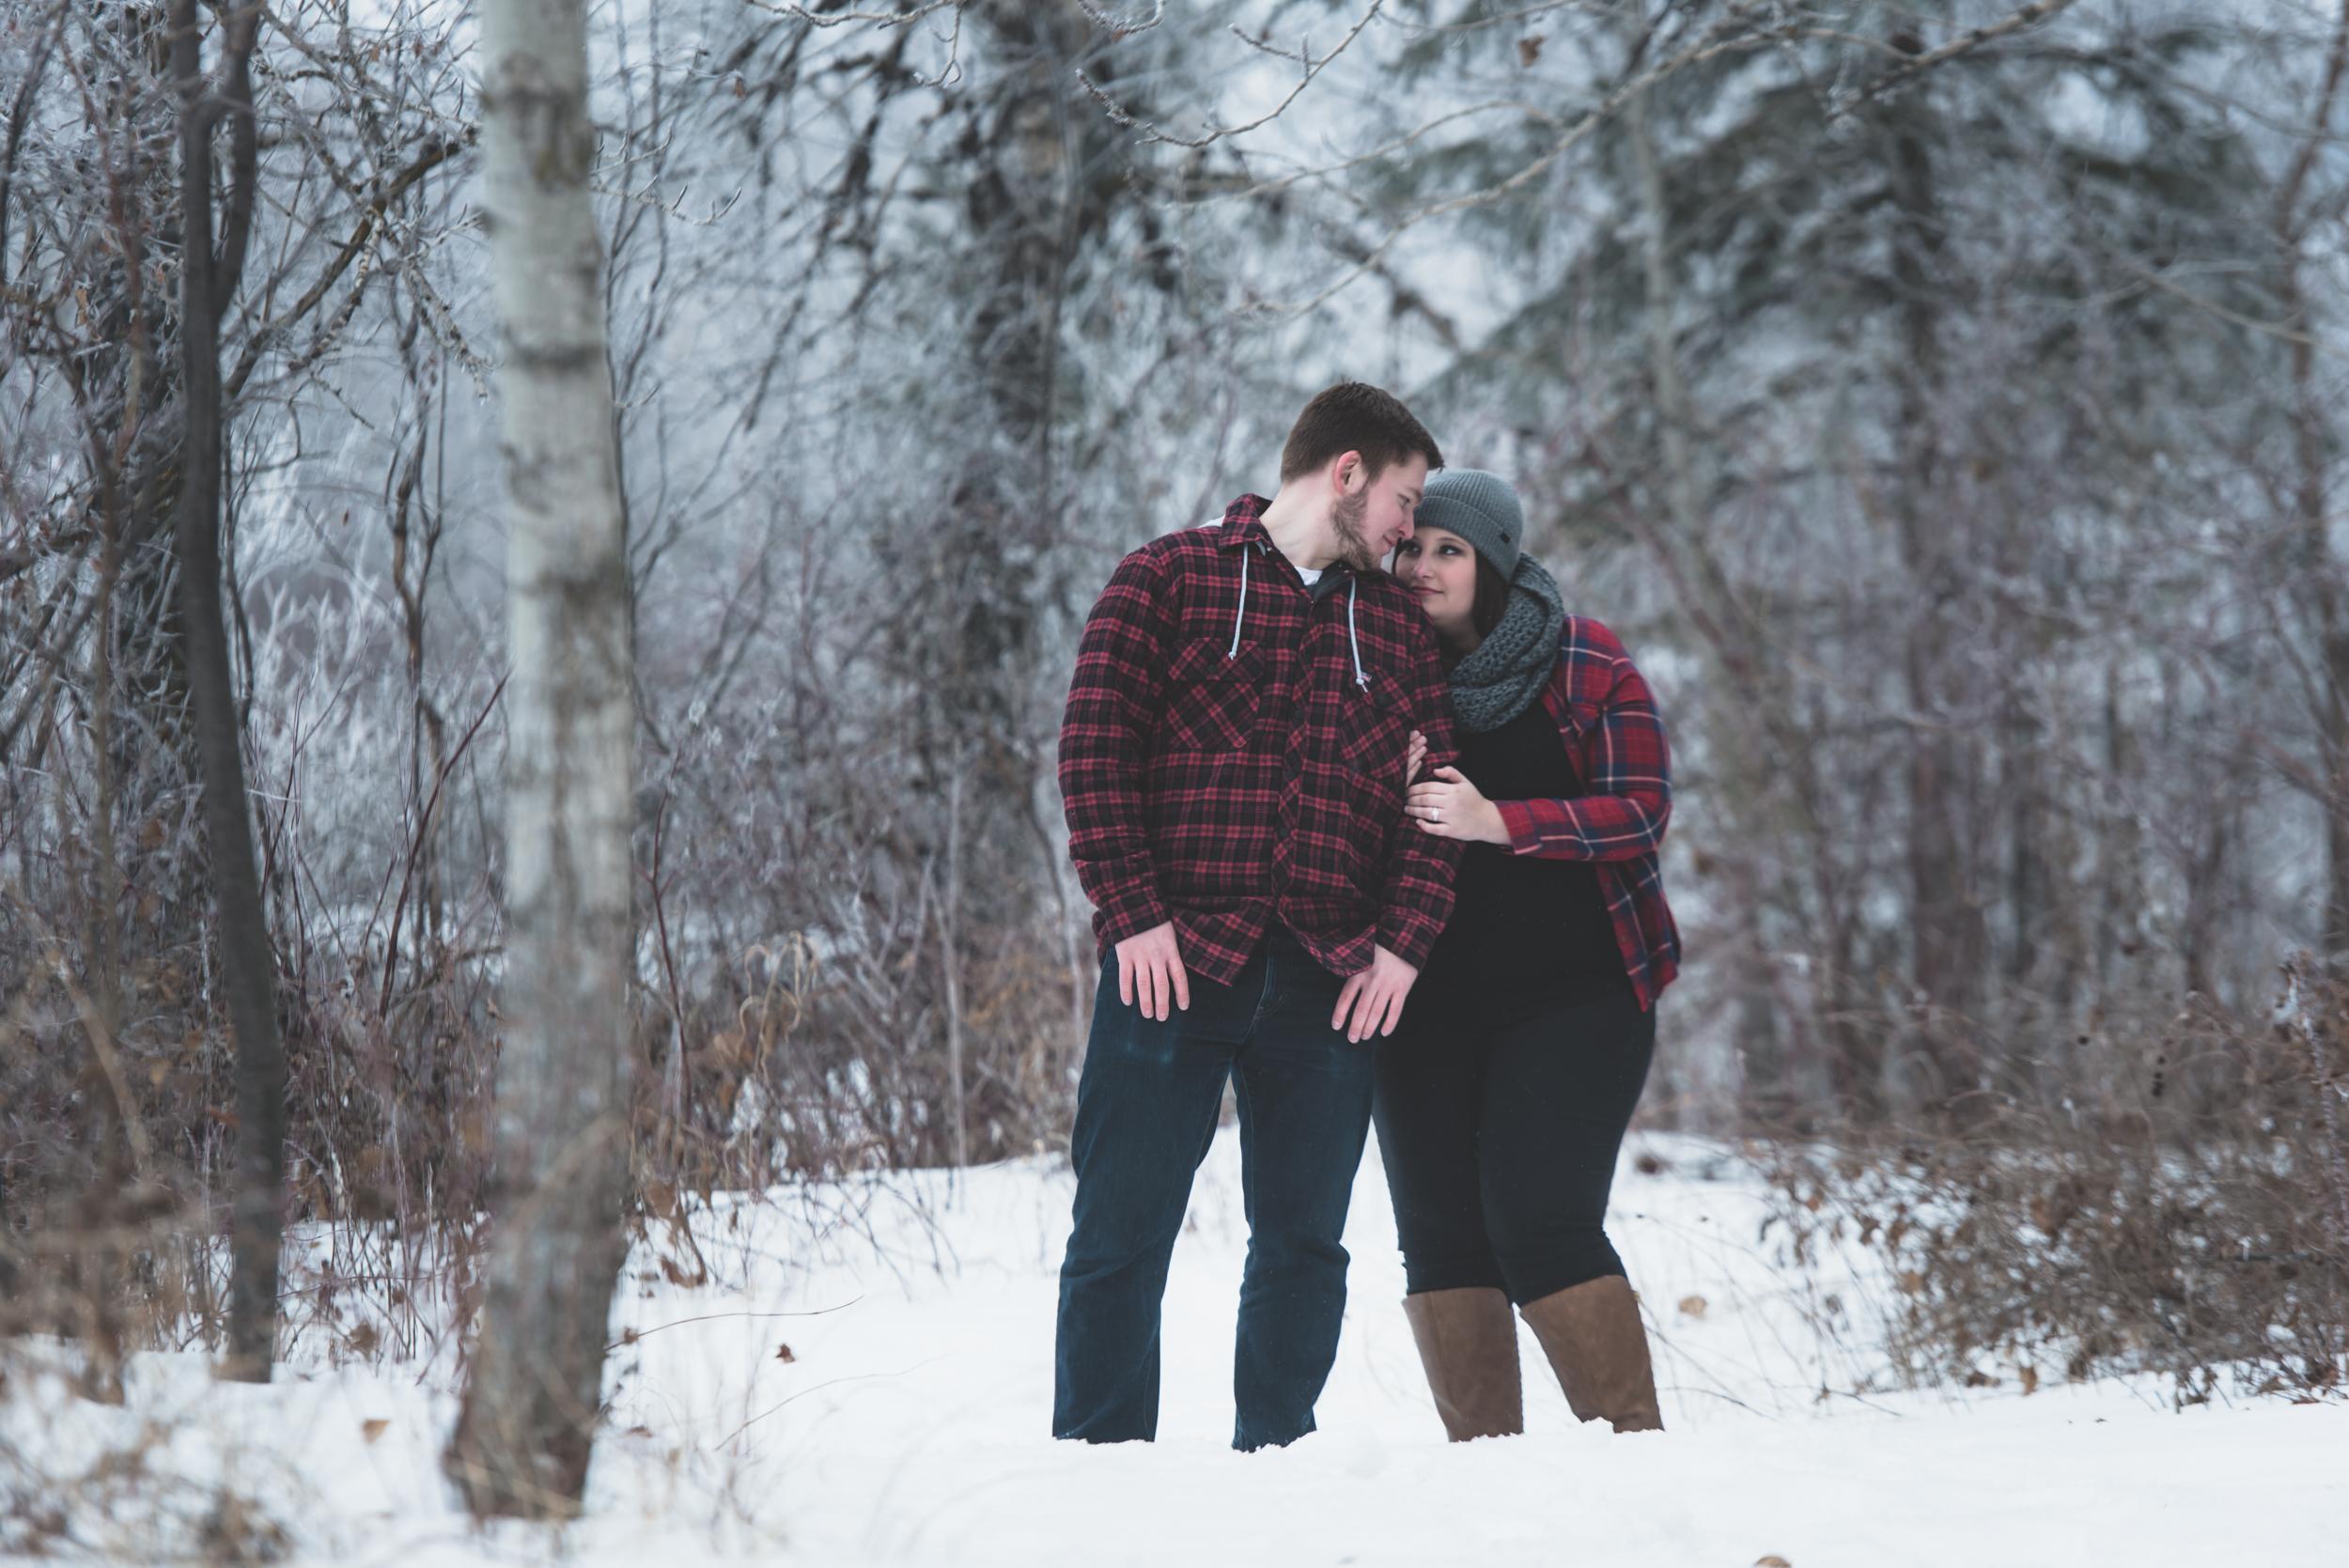 Cierra_Matt_Engagement_025.jpg